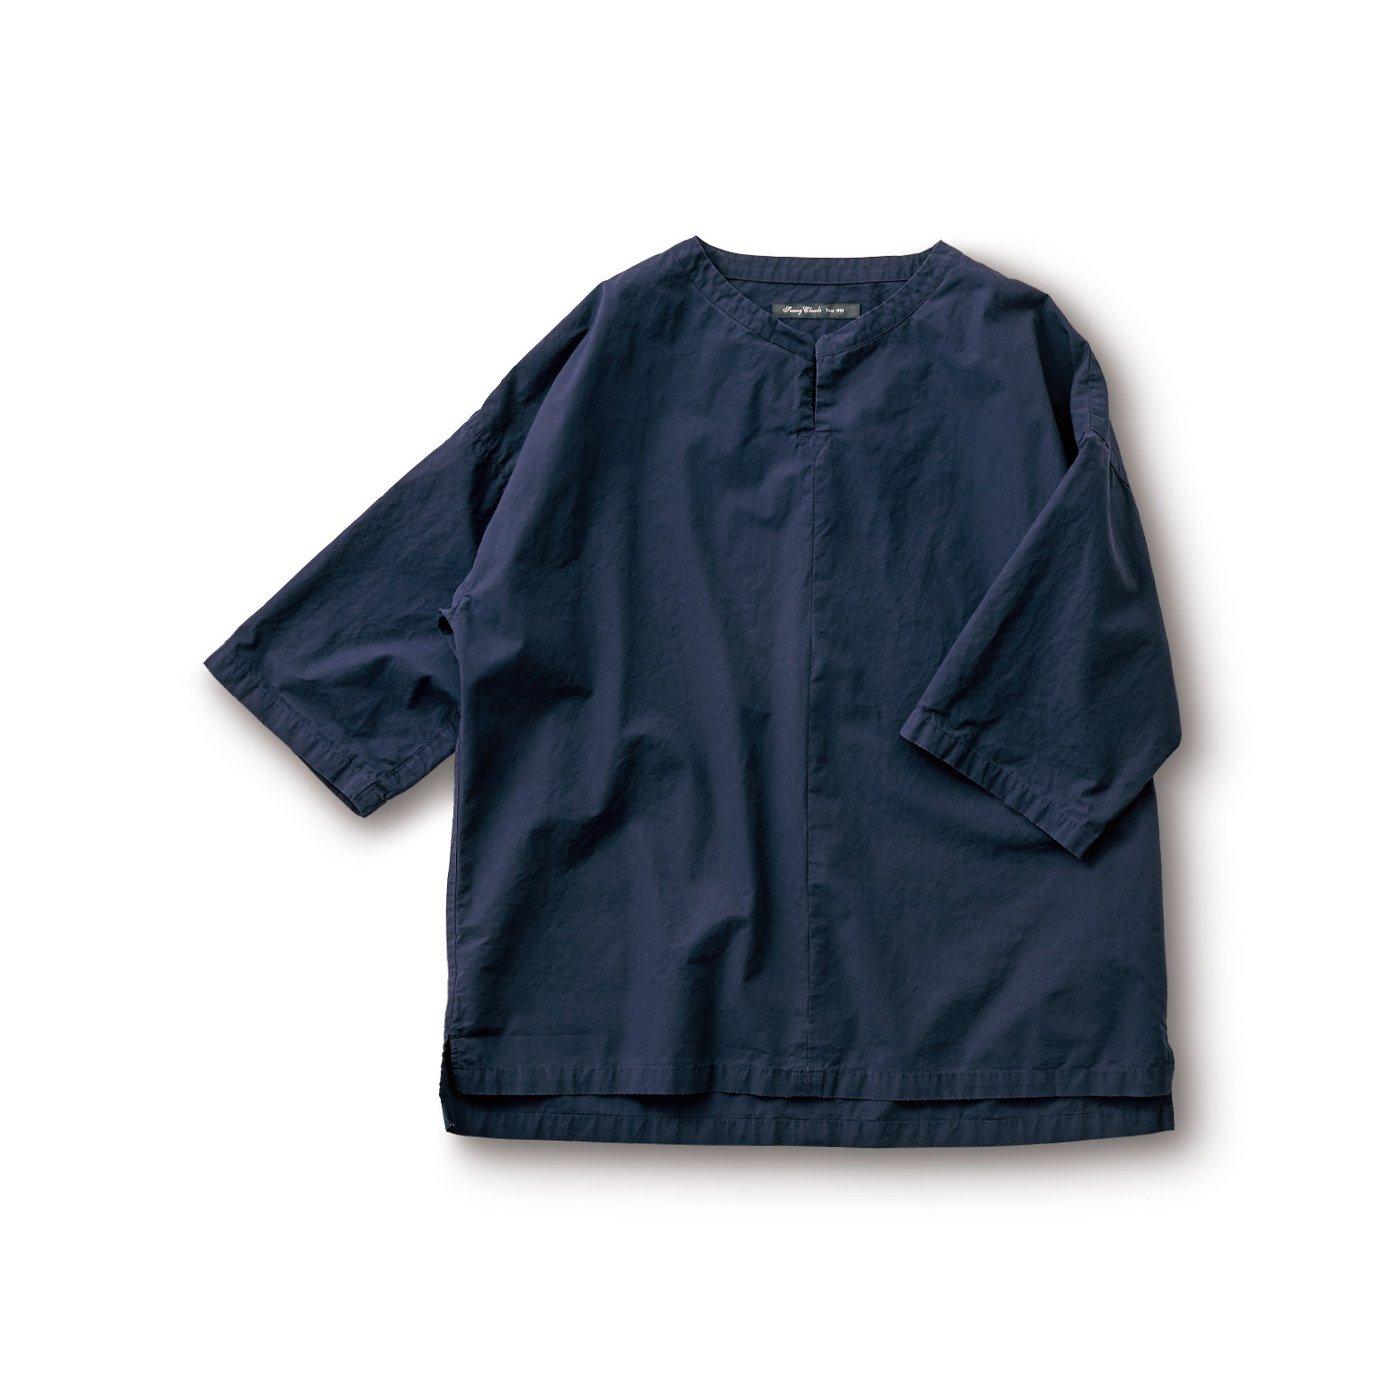 サニークラウズ 切れ込みシャツ〈メンズ〉紺